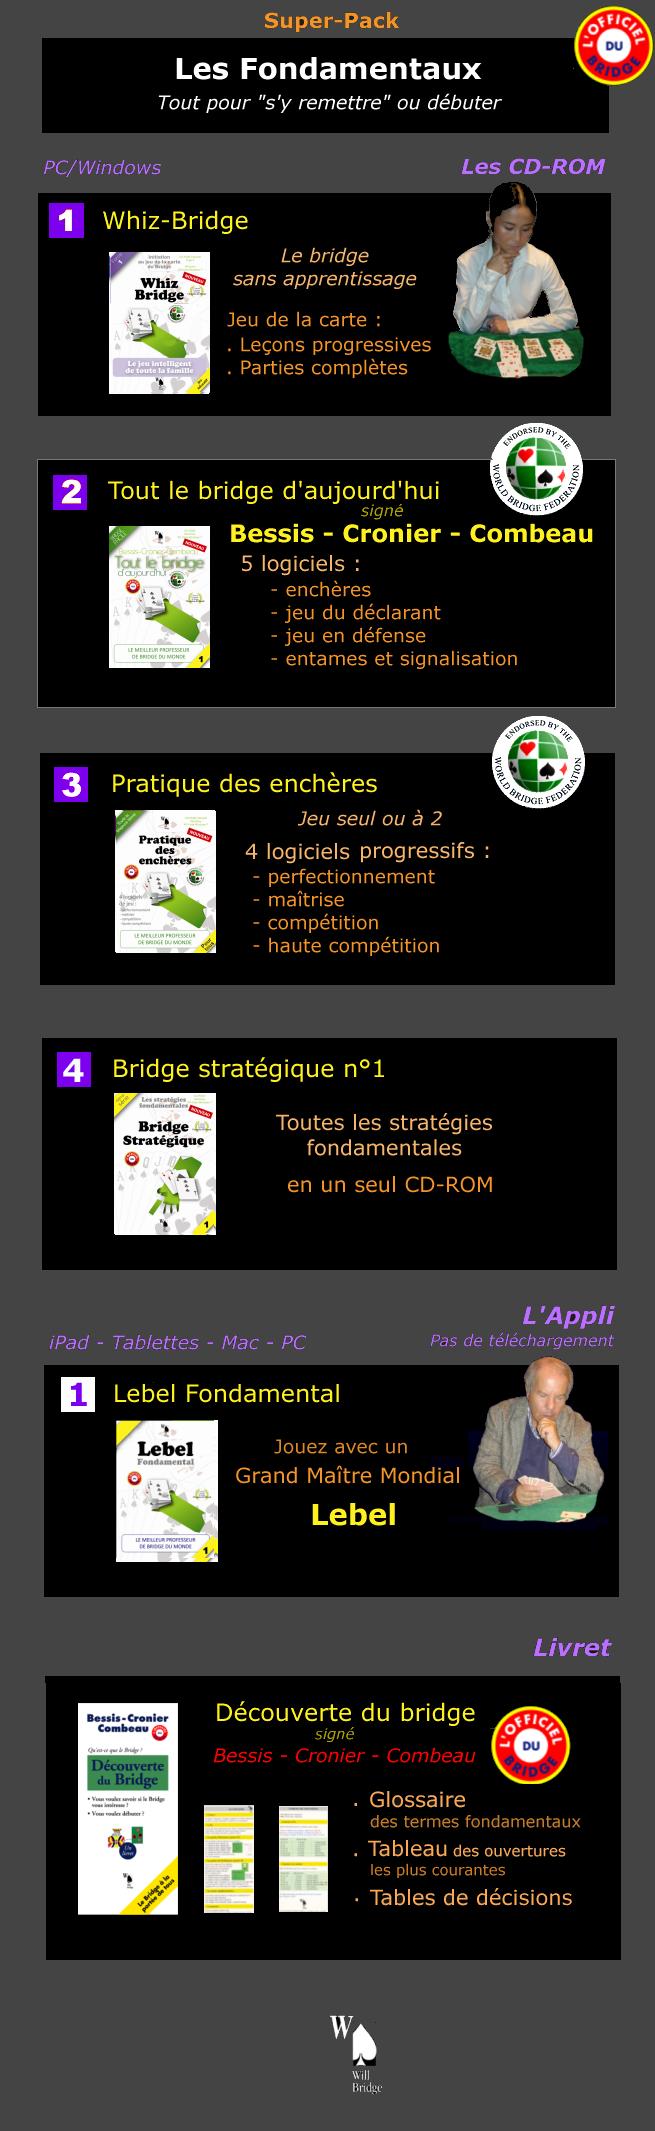 Bridge - Super pack